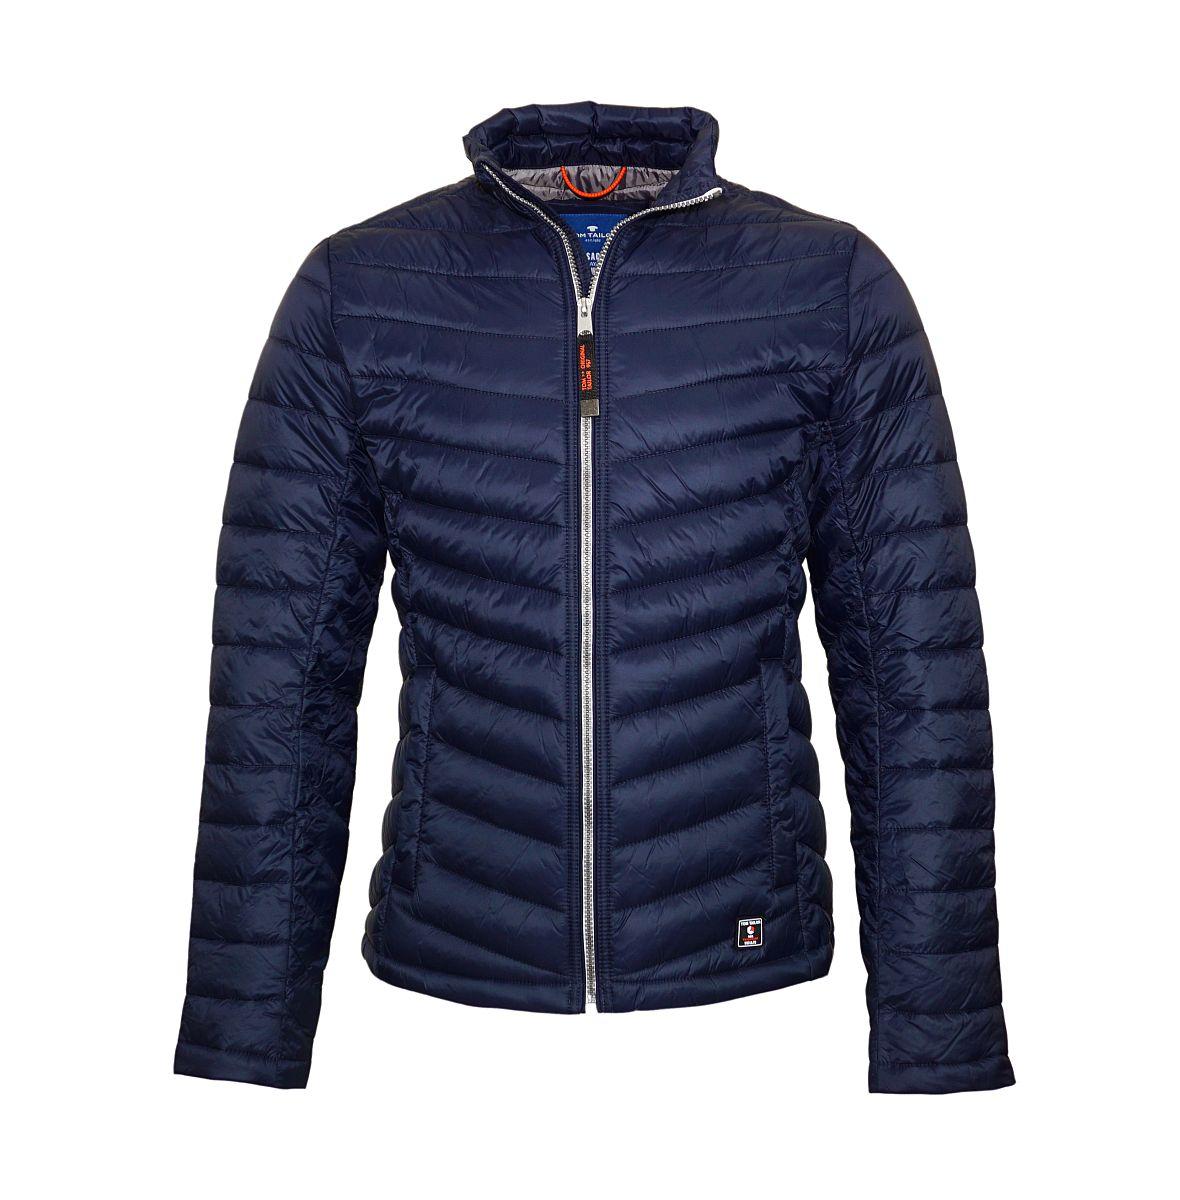 Tom Tailor Jacke Lightweight Jacket 3533475 0110 6343 blau